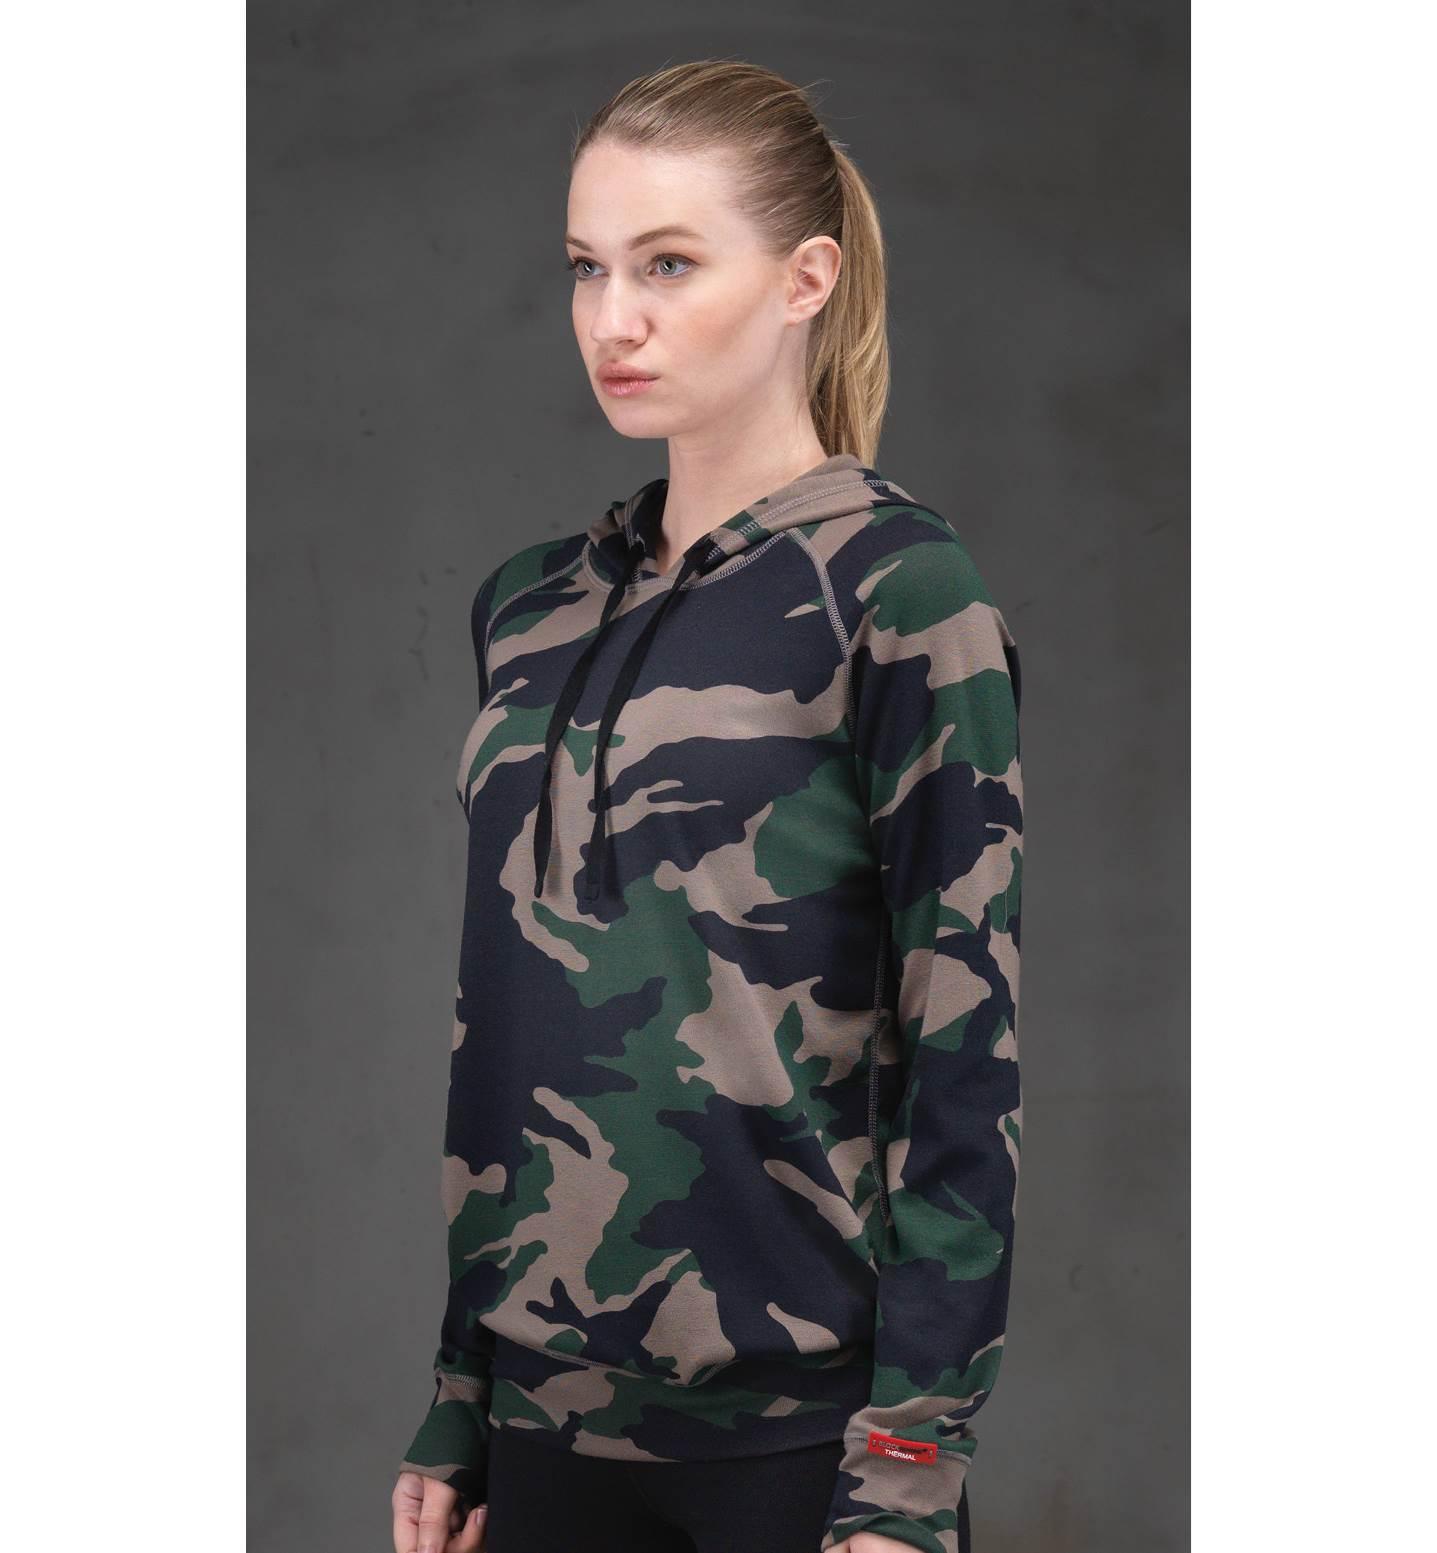 Blackspade Kadın Termal Kapşonlu Sweatshirt 2. Seviye 6194 - Yeşil